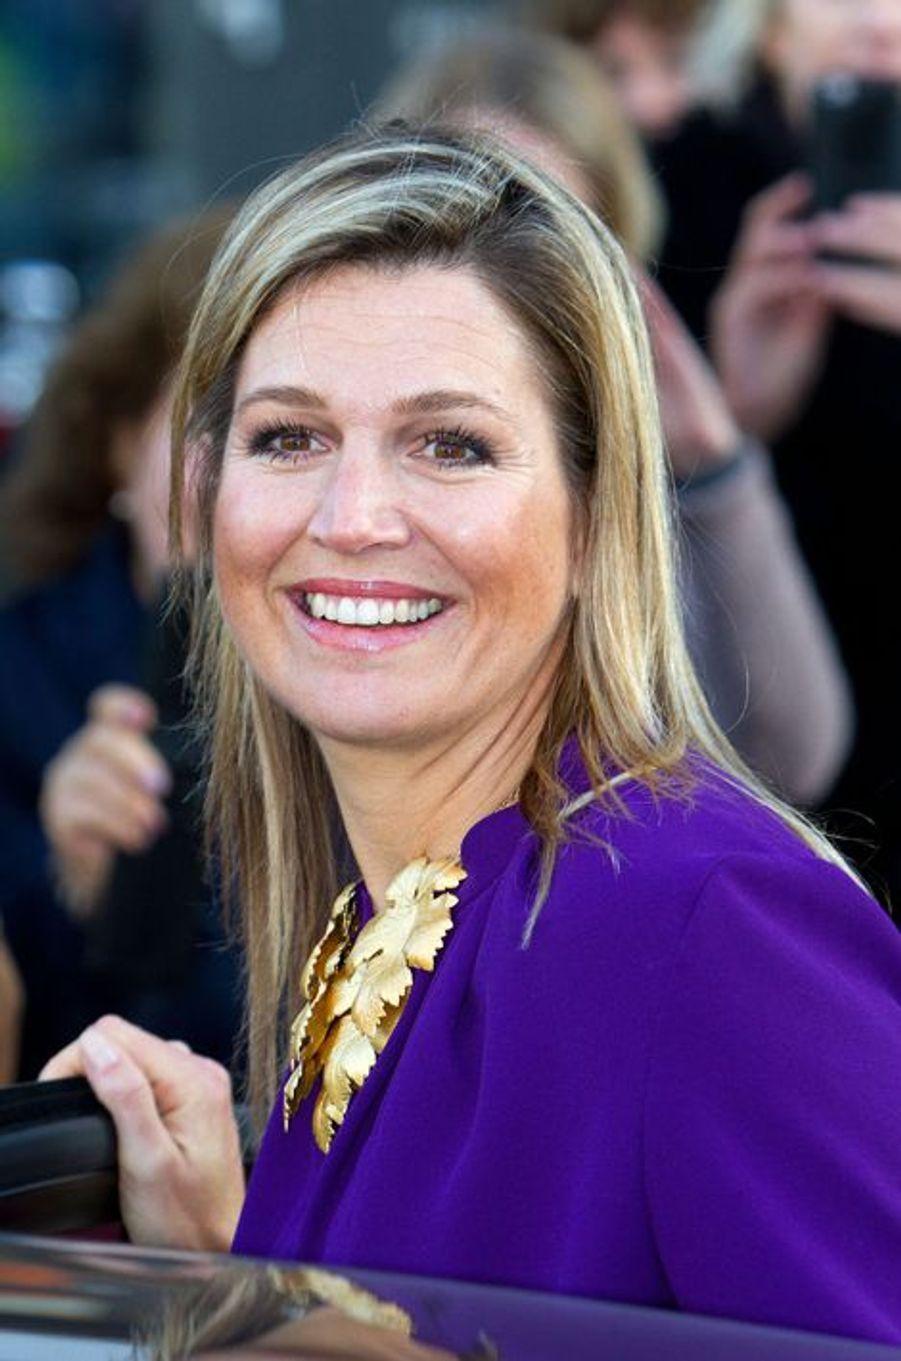 La reine Maxima des Pays-Bas à Utrecht, le 20 novembre 2014